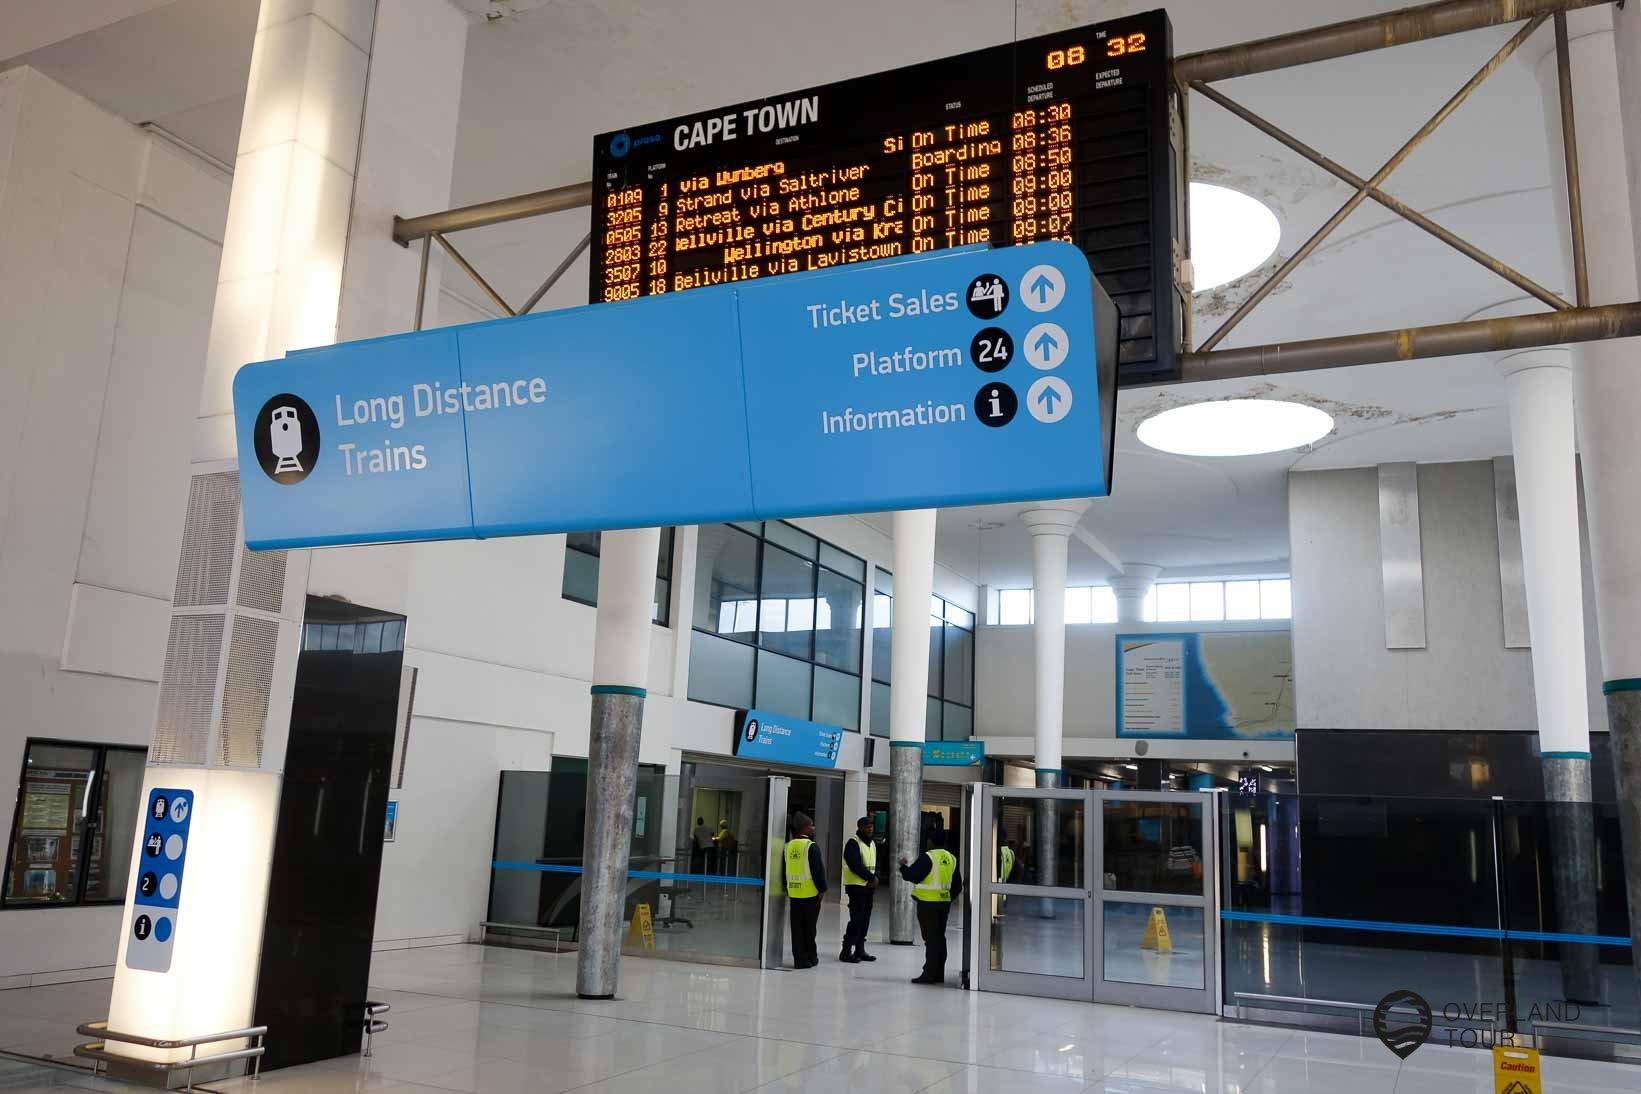 Der Bahnhof von Kapstadt – Am Gleis 24 befindet sich der Schalter des Shosholoza Meyl Train